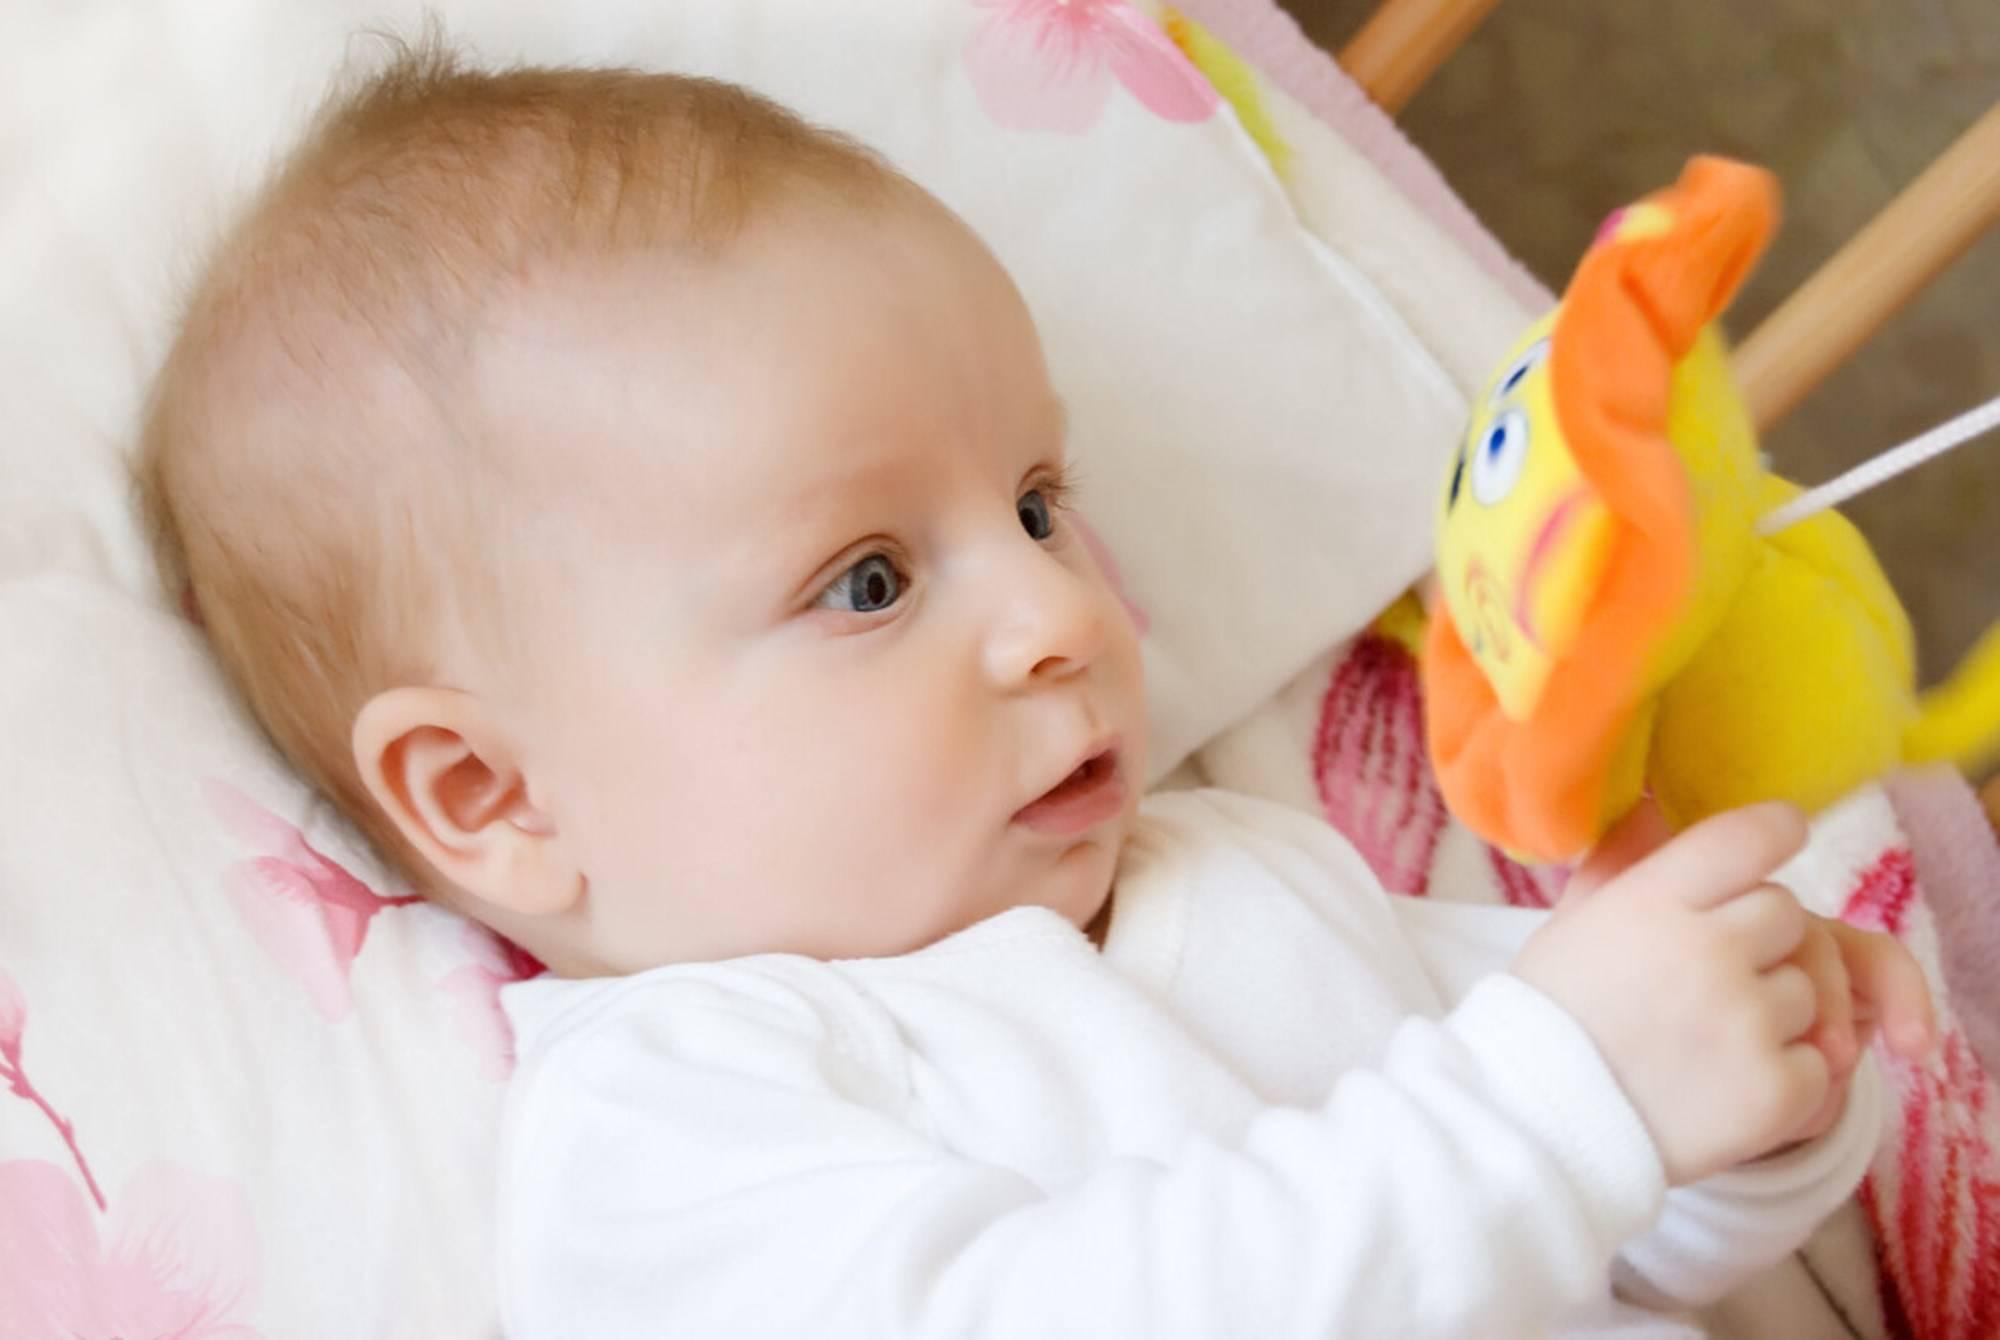 判断宝宝生长发育是否正常,有条线一看便知,内附调整方法